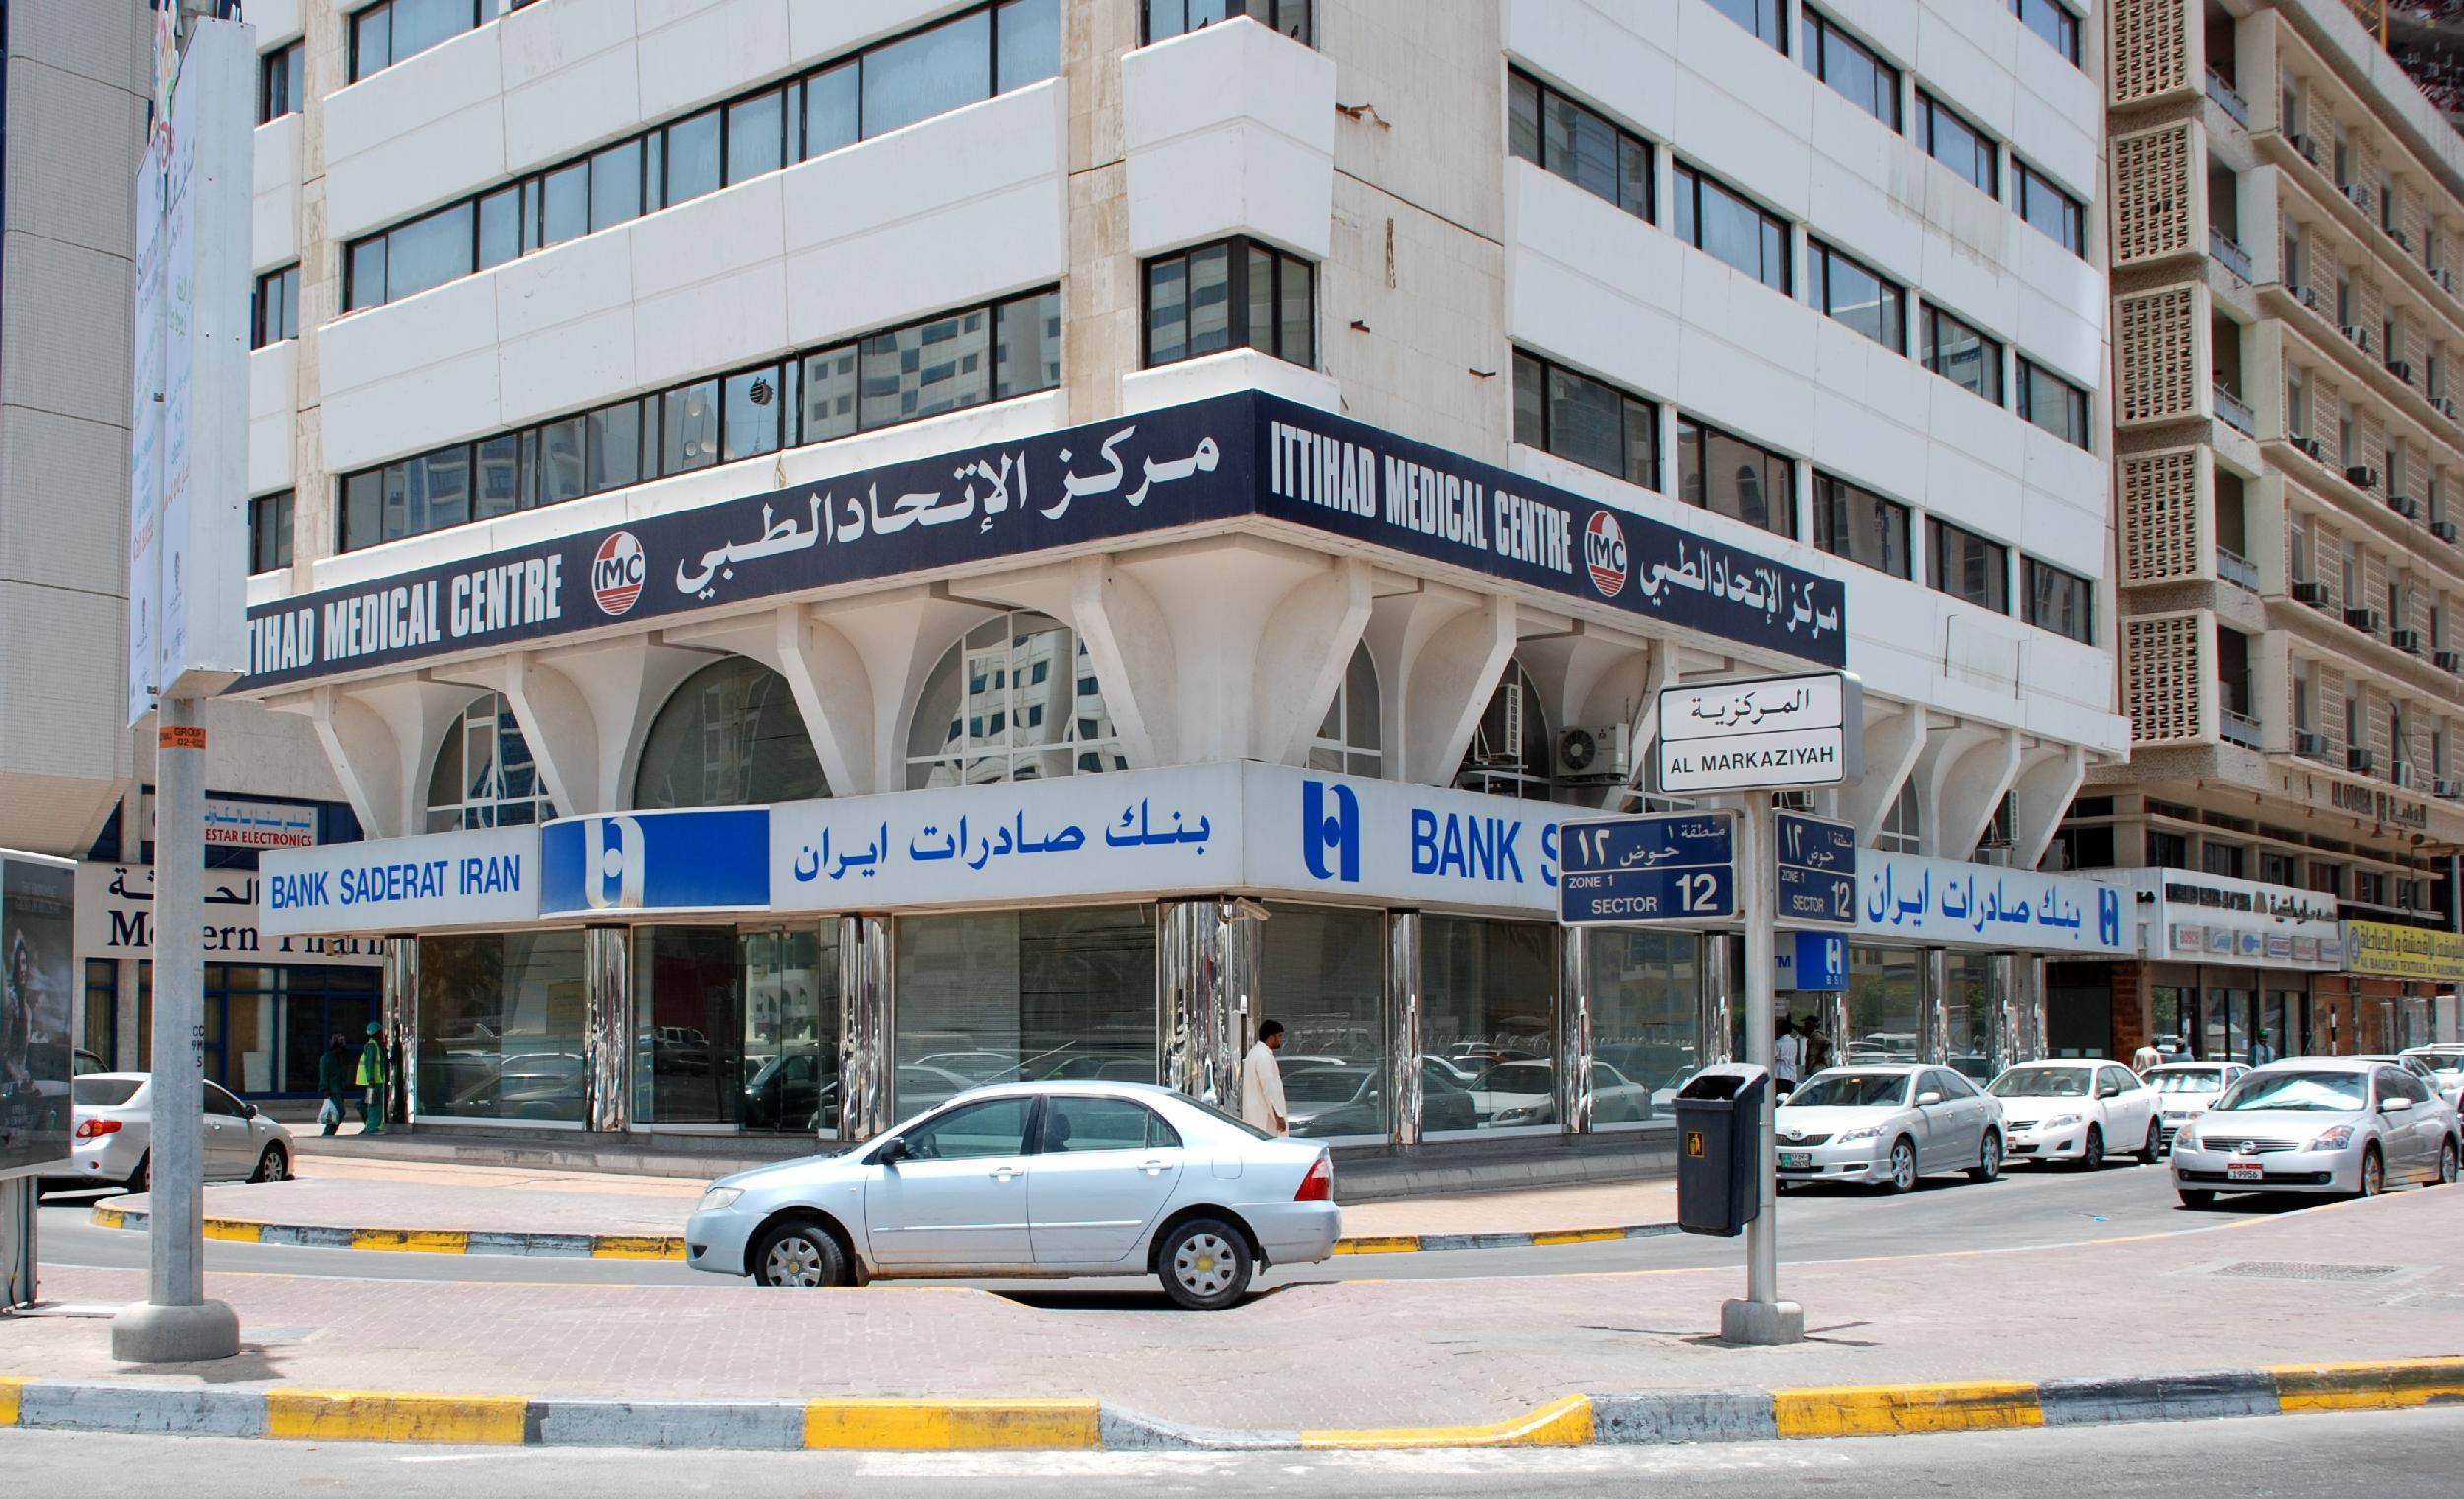 Saderat Bank: The road paved by Greek diplomacy